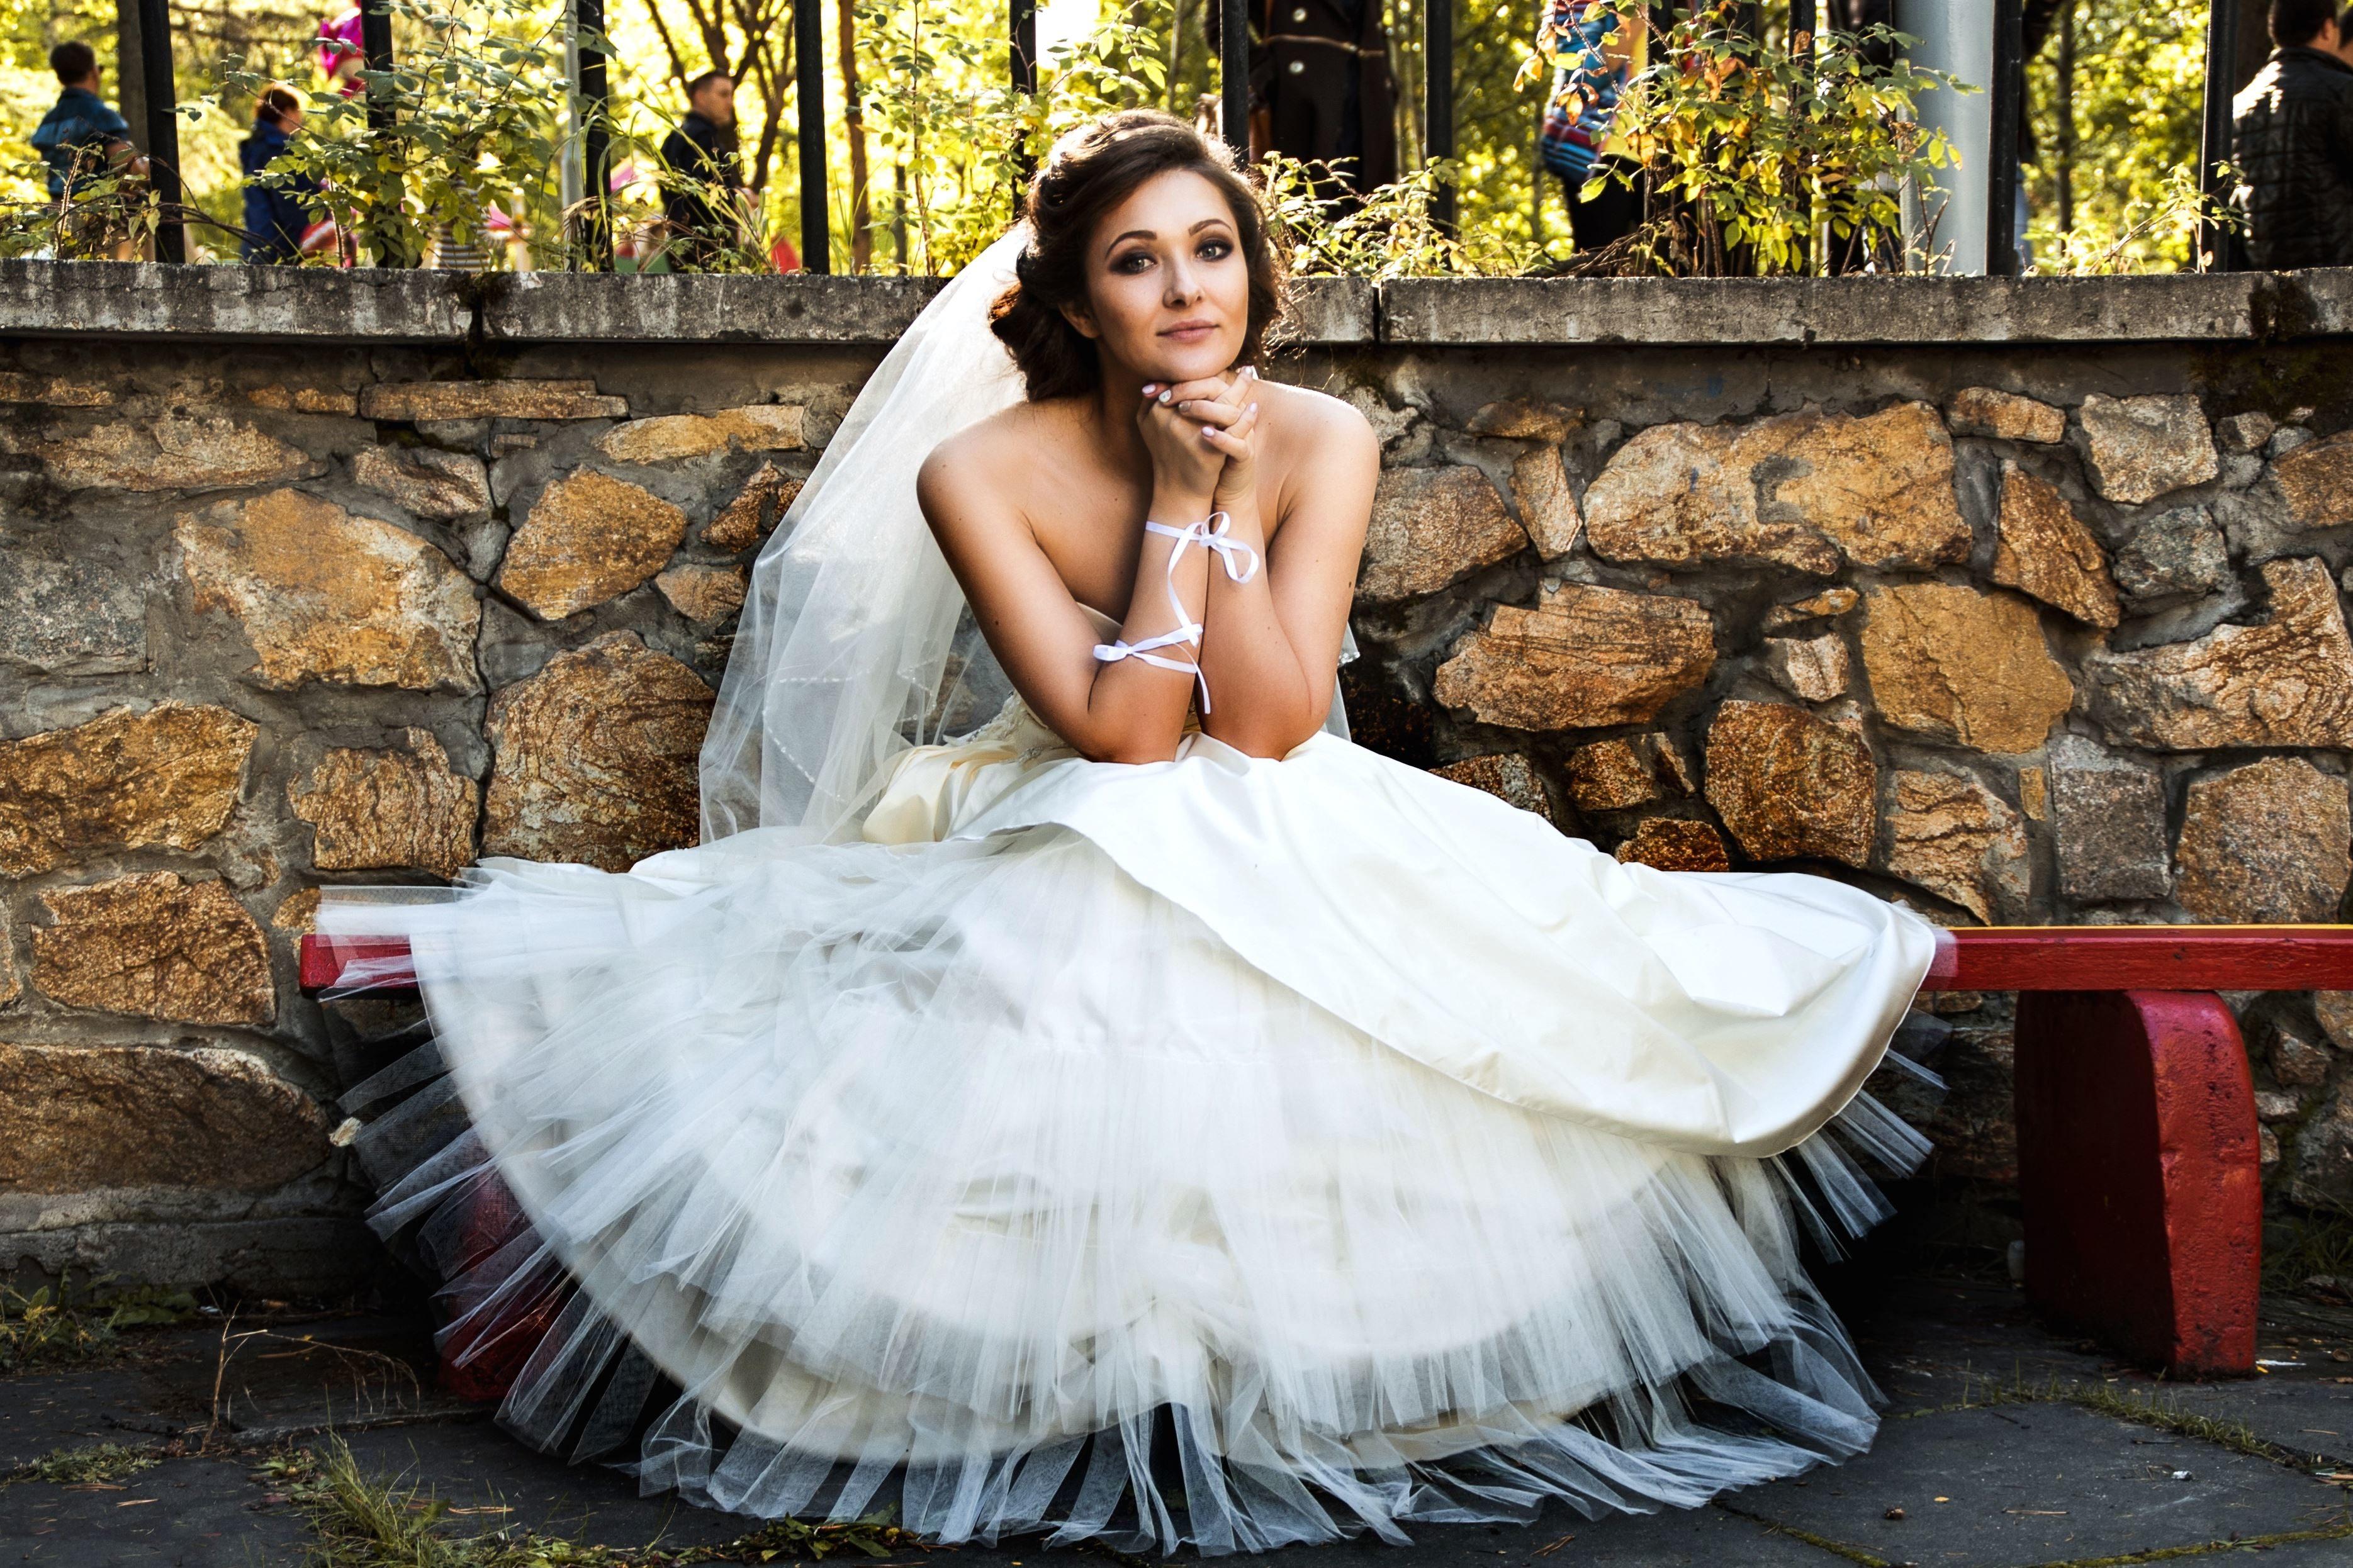 Favola Abiti PrincipeschiGli Da Vestiti Sposa 8nwN0vm